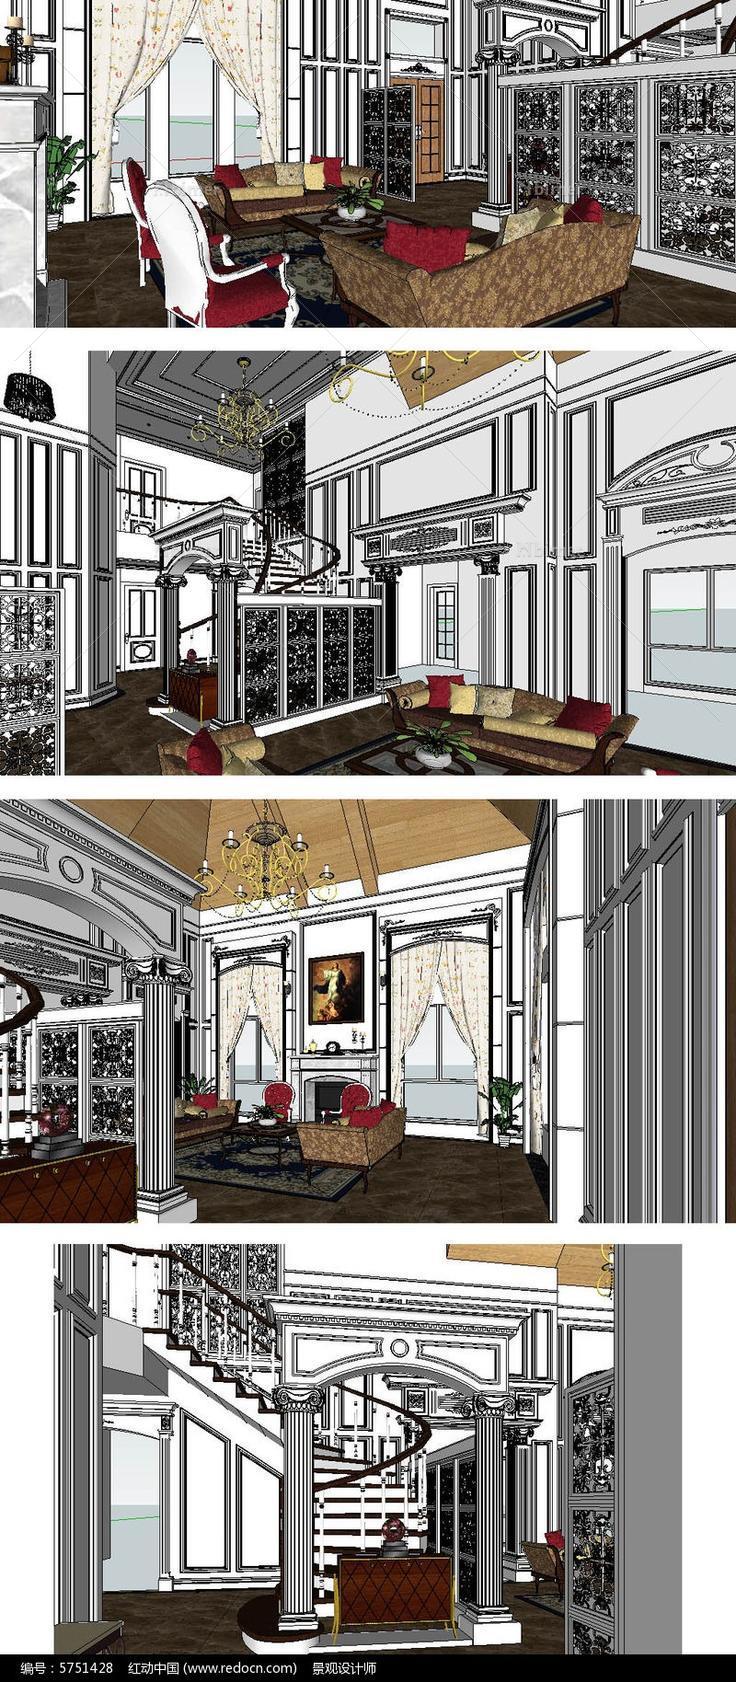 欧式大全室内模型草图SU别墅效果图别墅墙面大师硅藻泥2015图片欣赏图片